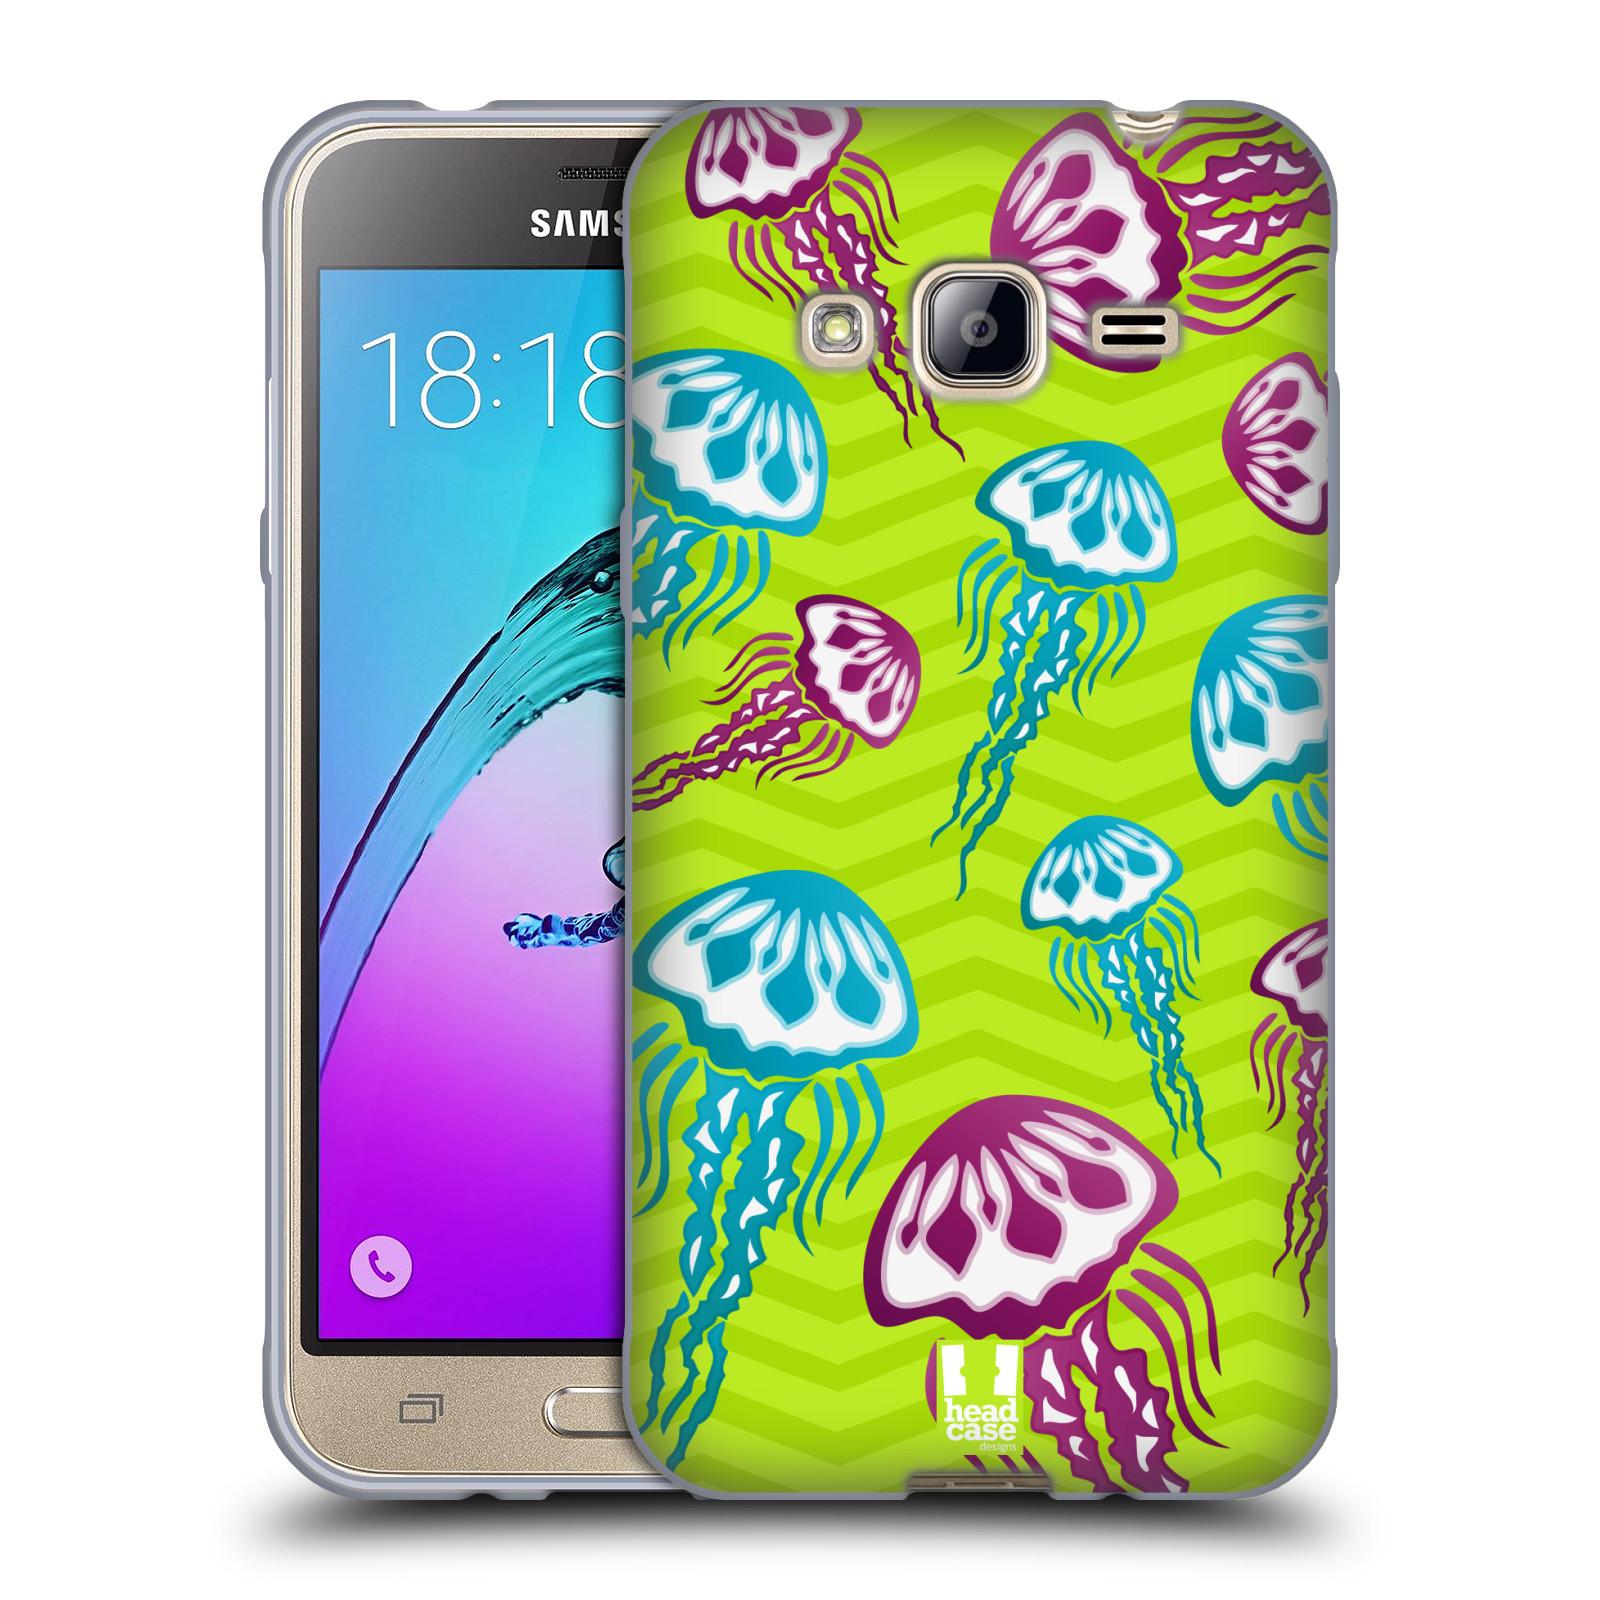 HEAD CASE silikonový obal na mobil Samsung Galaxy J3, J3 2016 vzor mořský živočich medůza